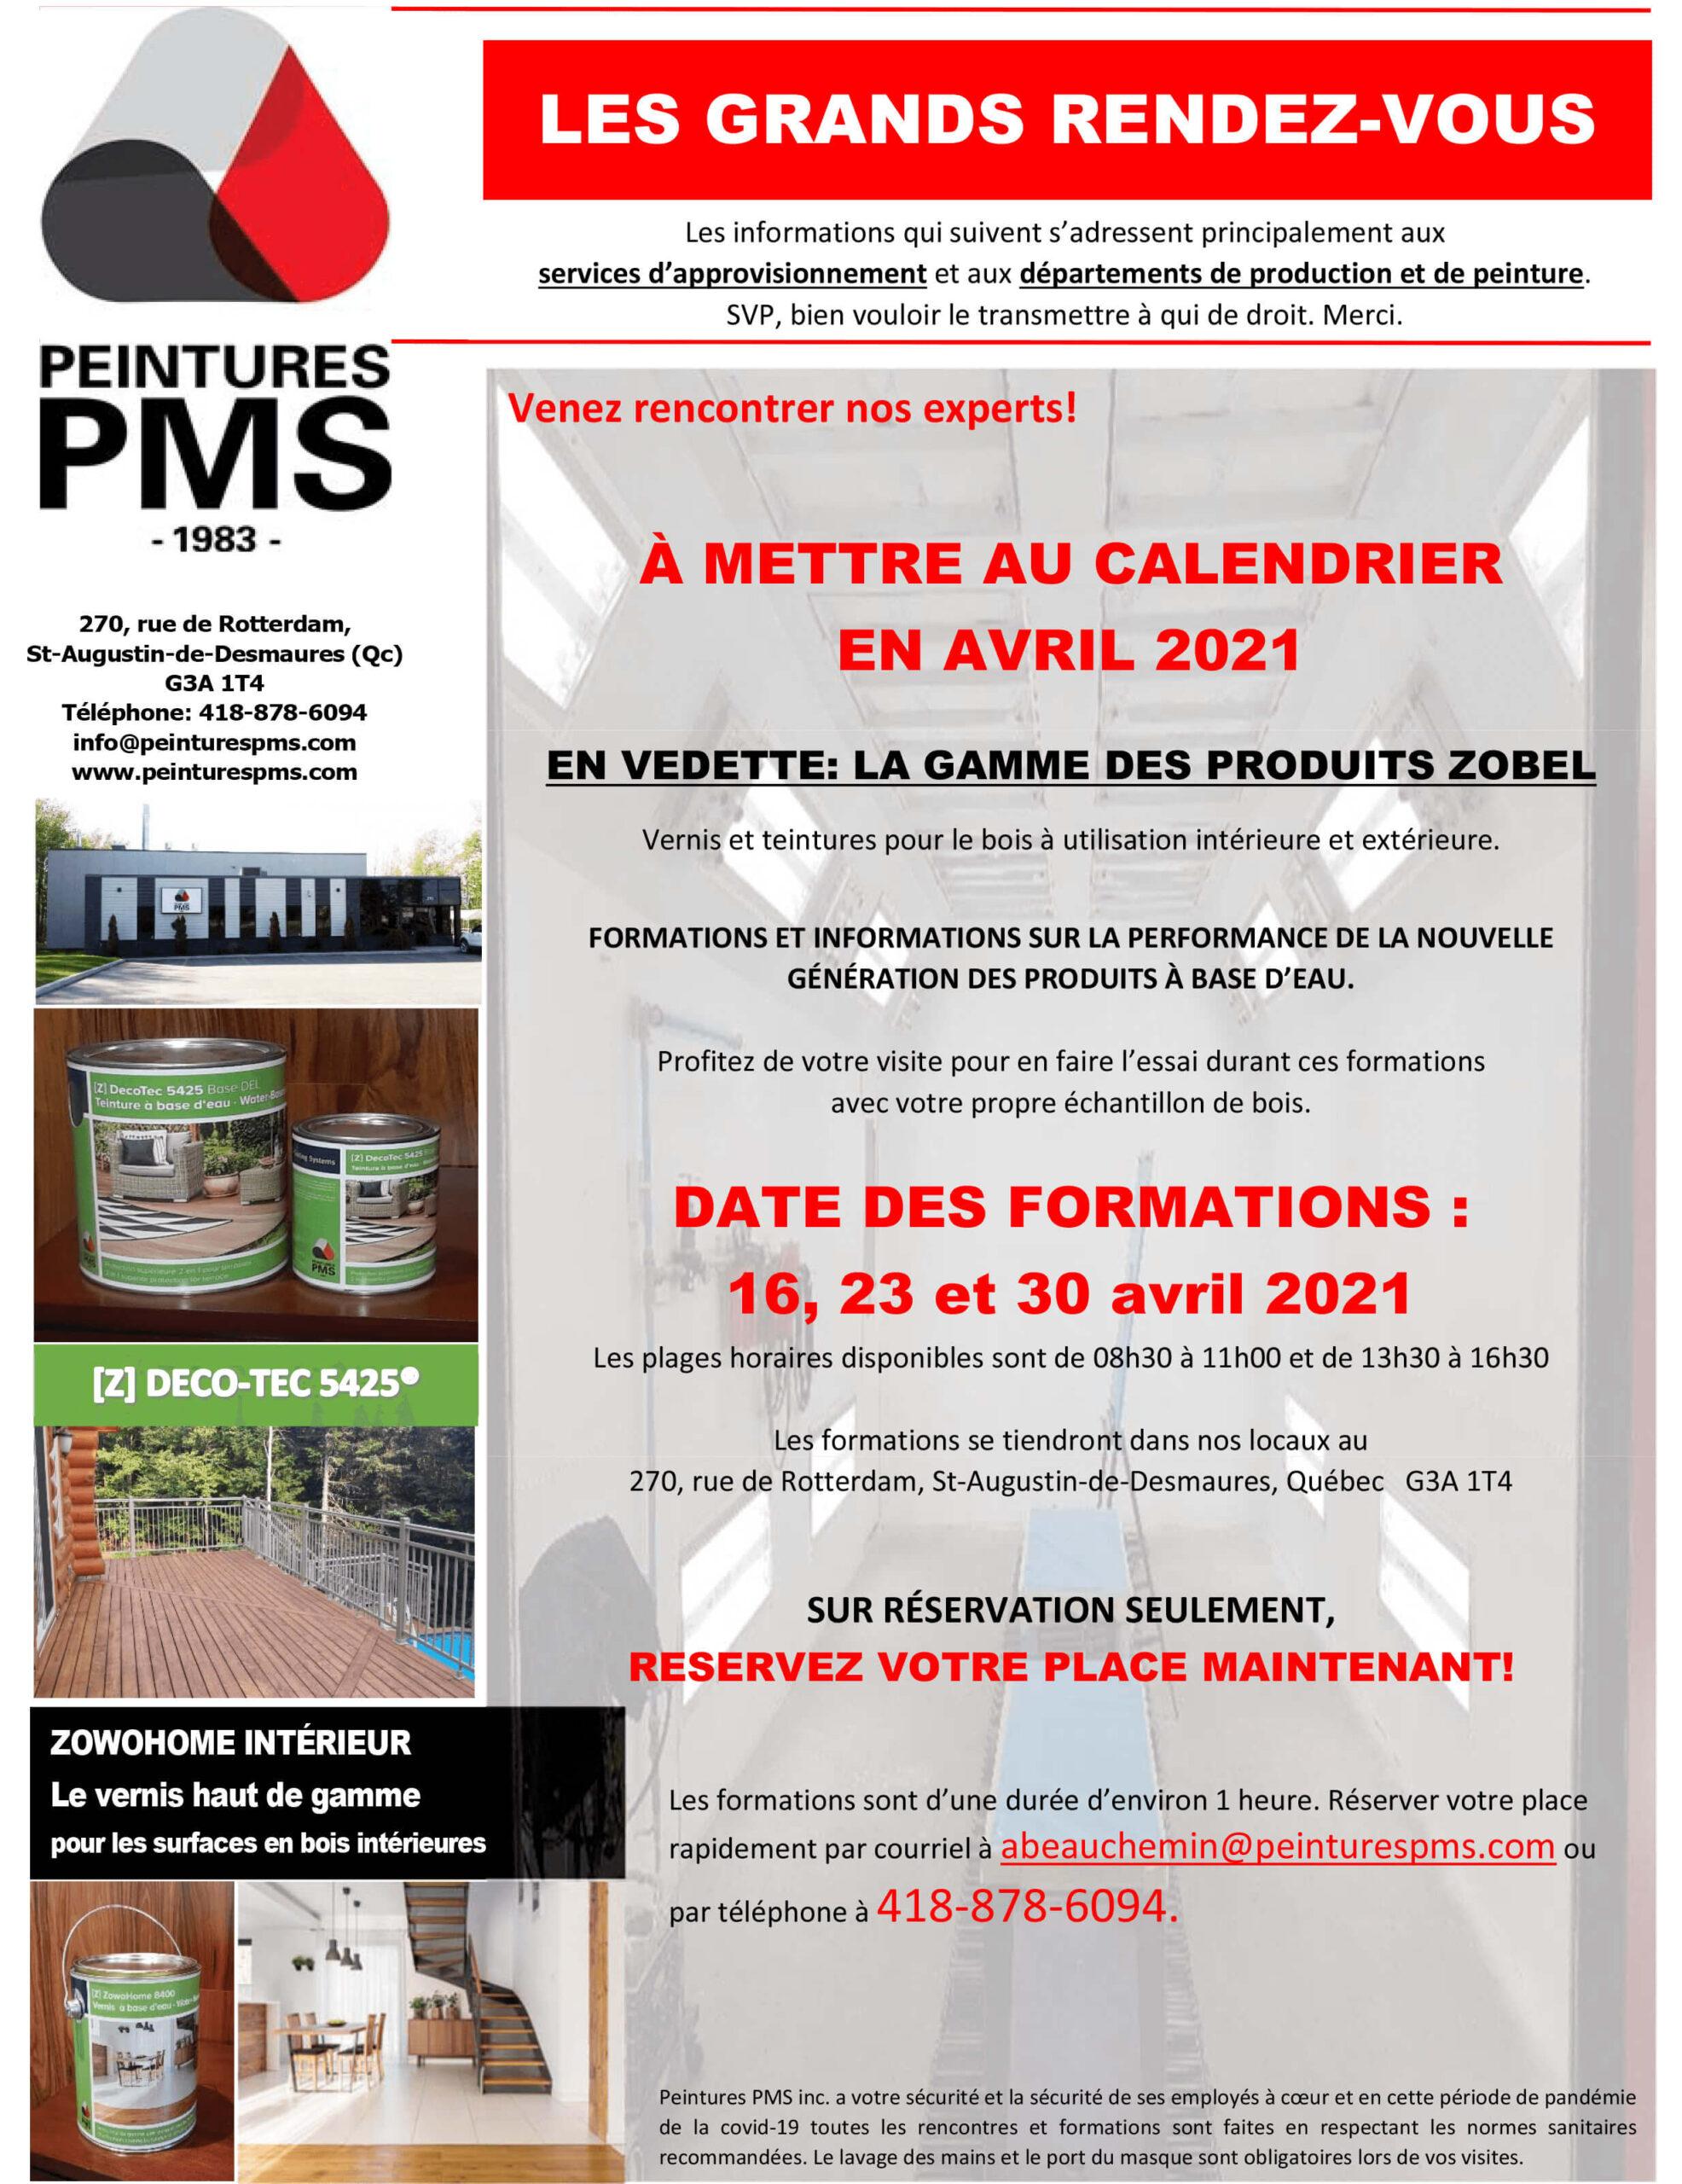 peintures PMS événement porte ouverte avril 2021